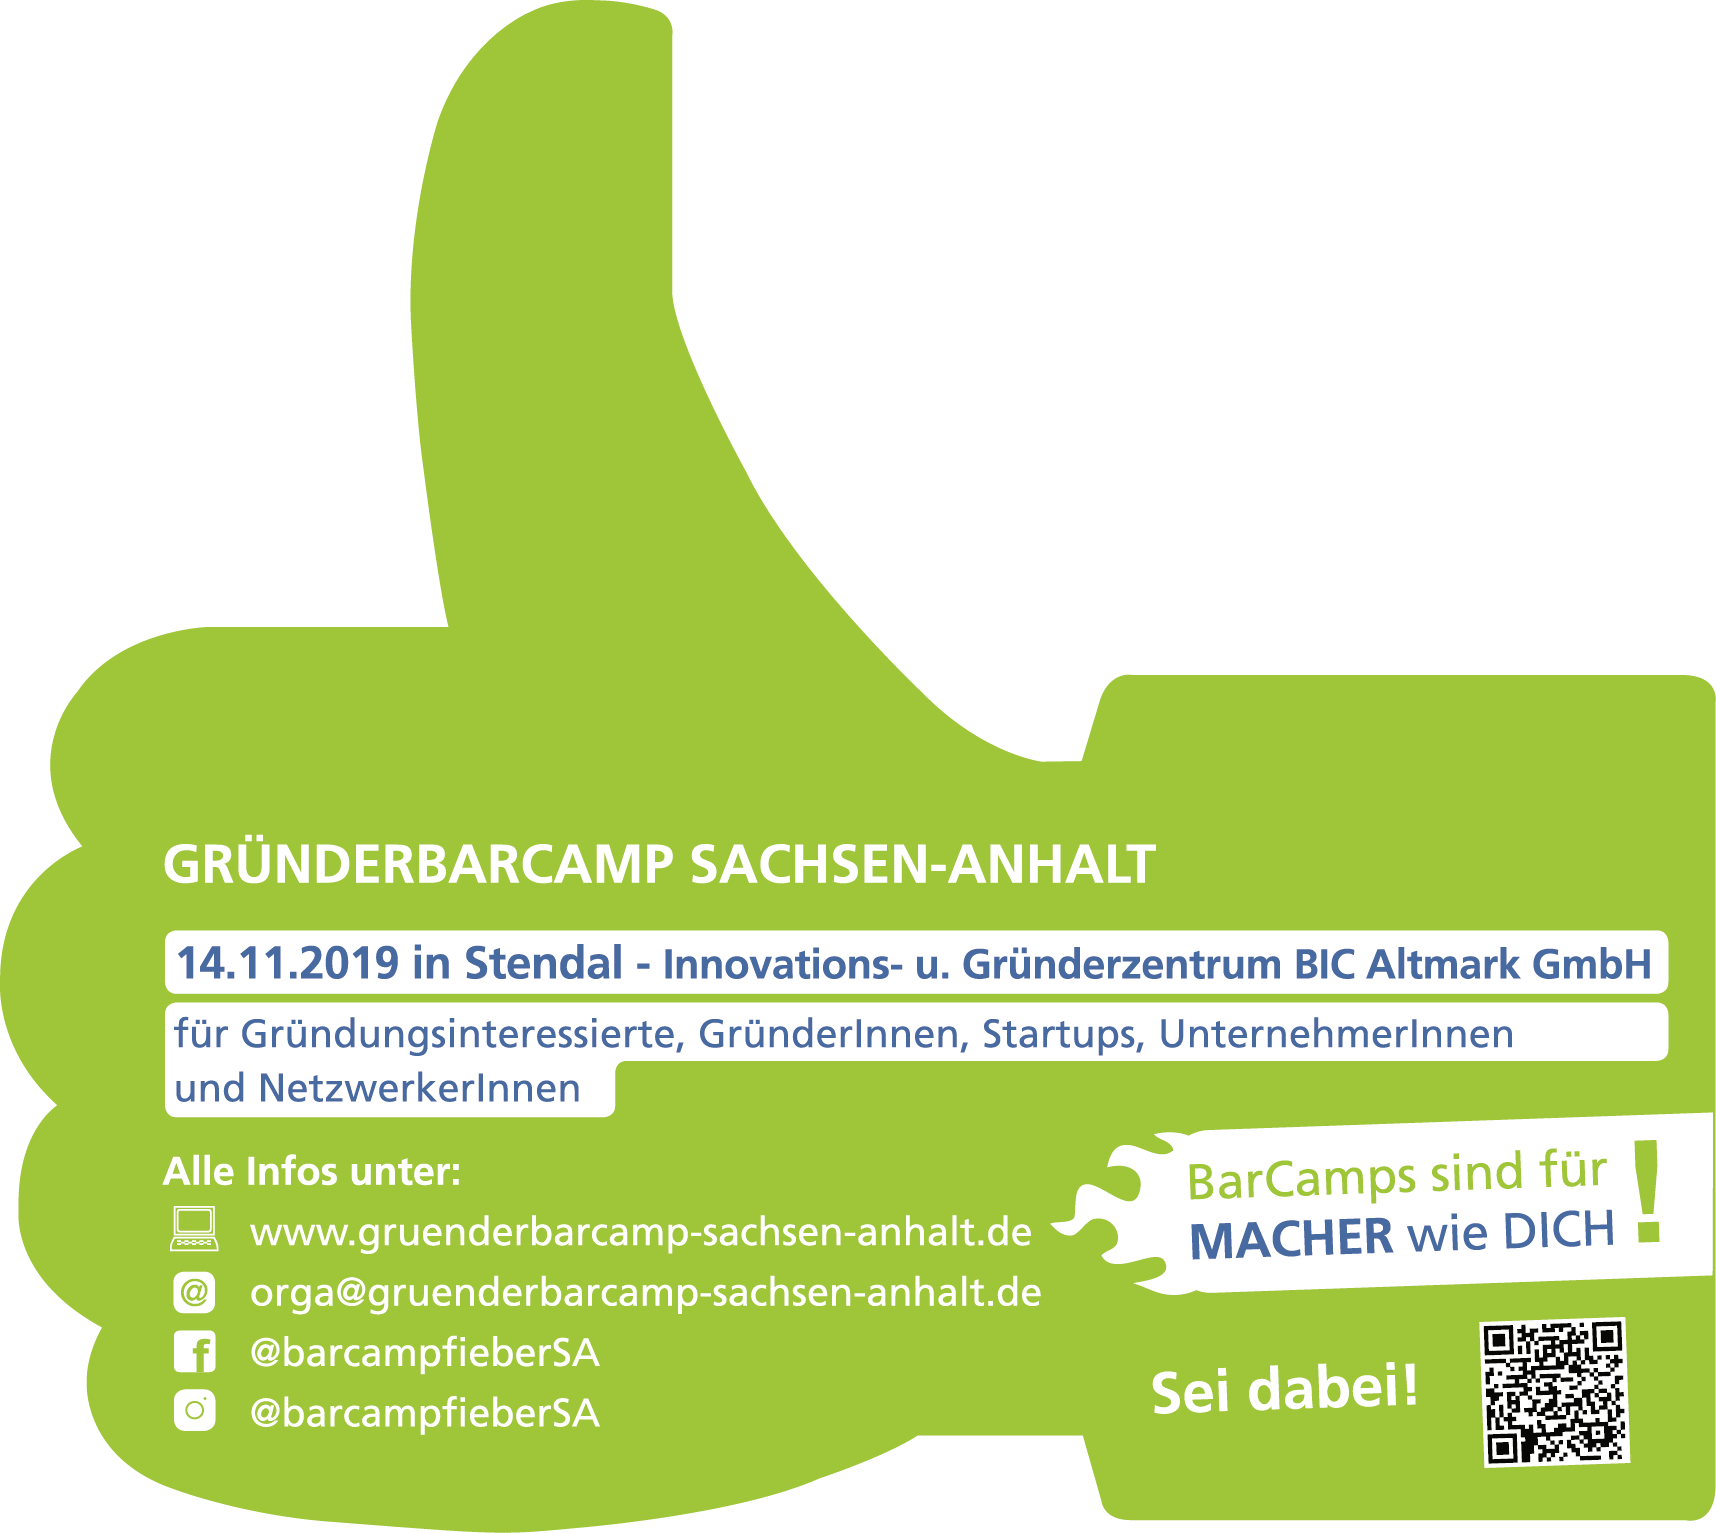 Gründerbarcamp Sachsen-Anhalt